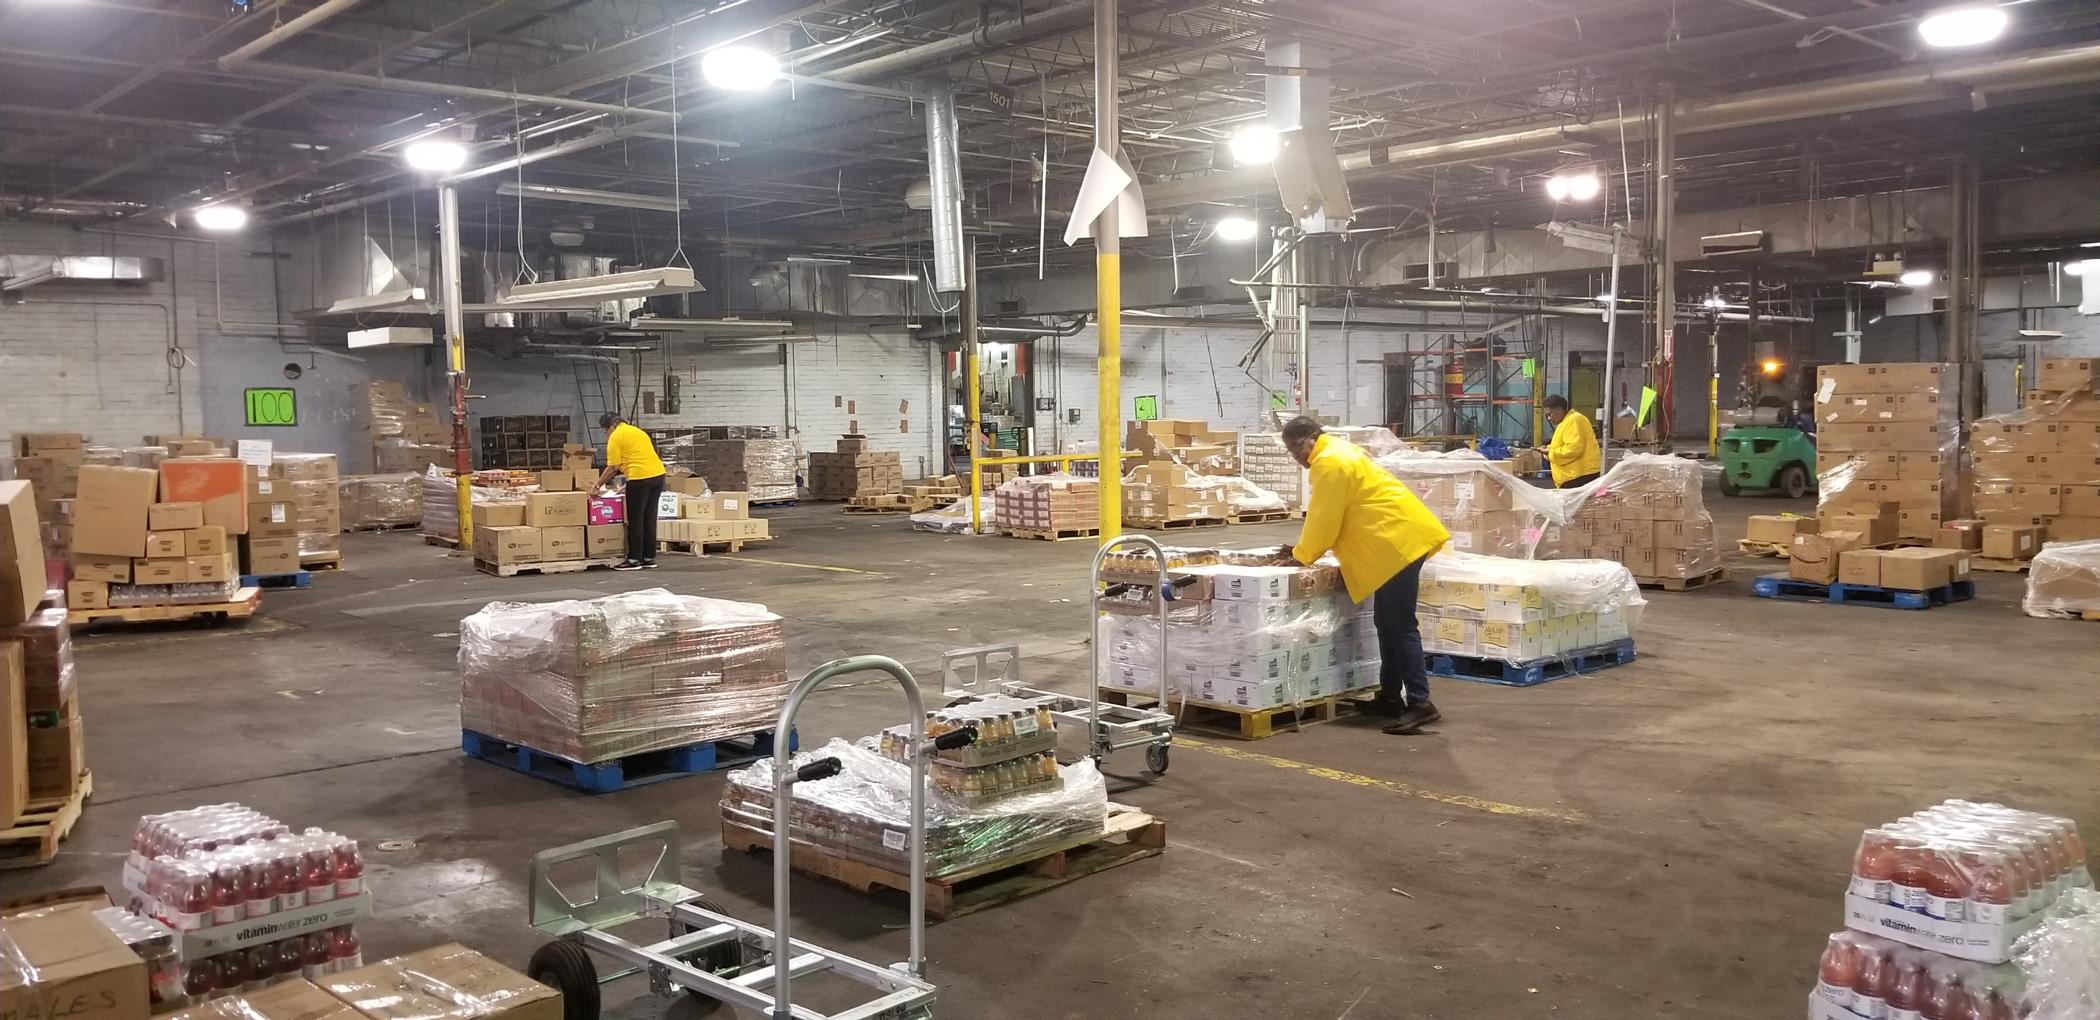 Warehouse in Lee County, AL